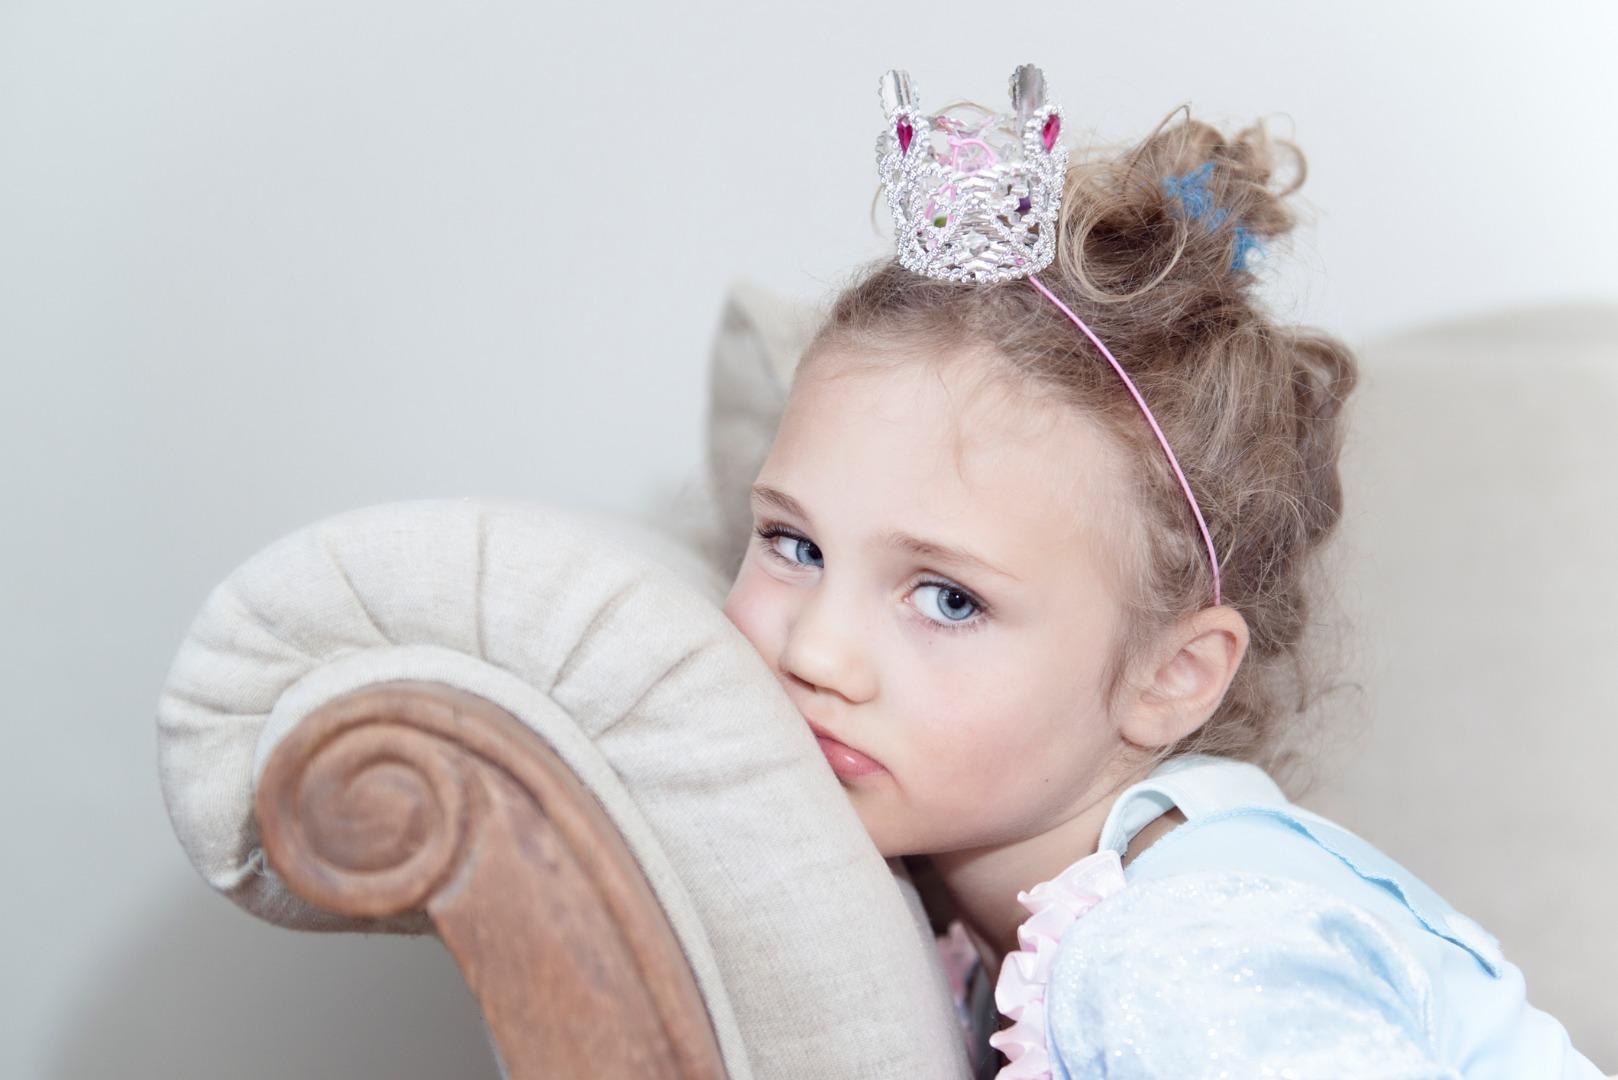 Анализ рисунка: обида грустной принцессы